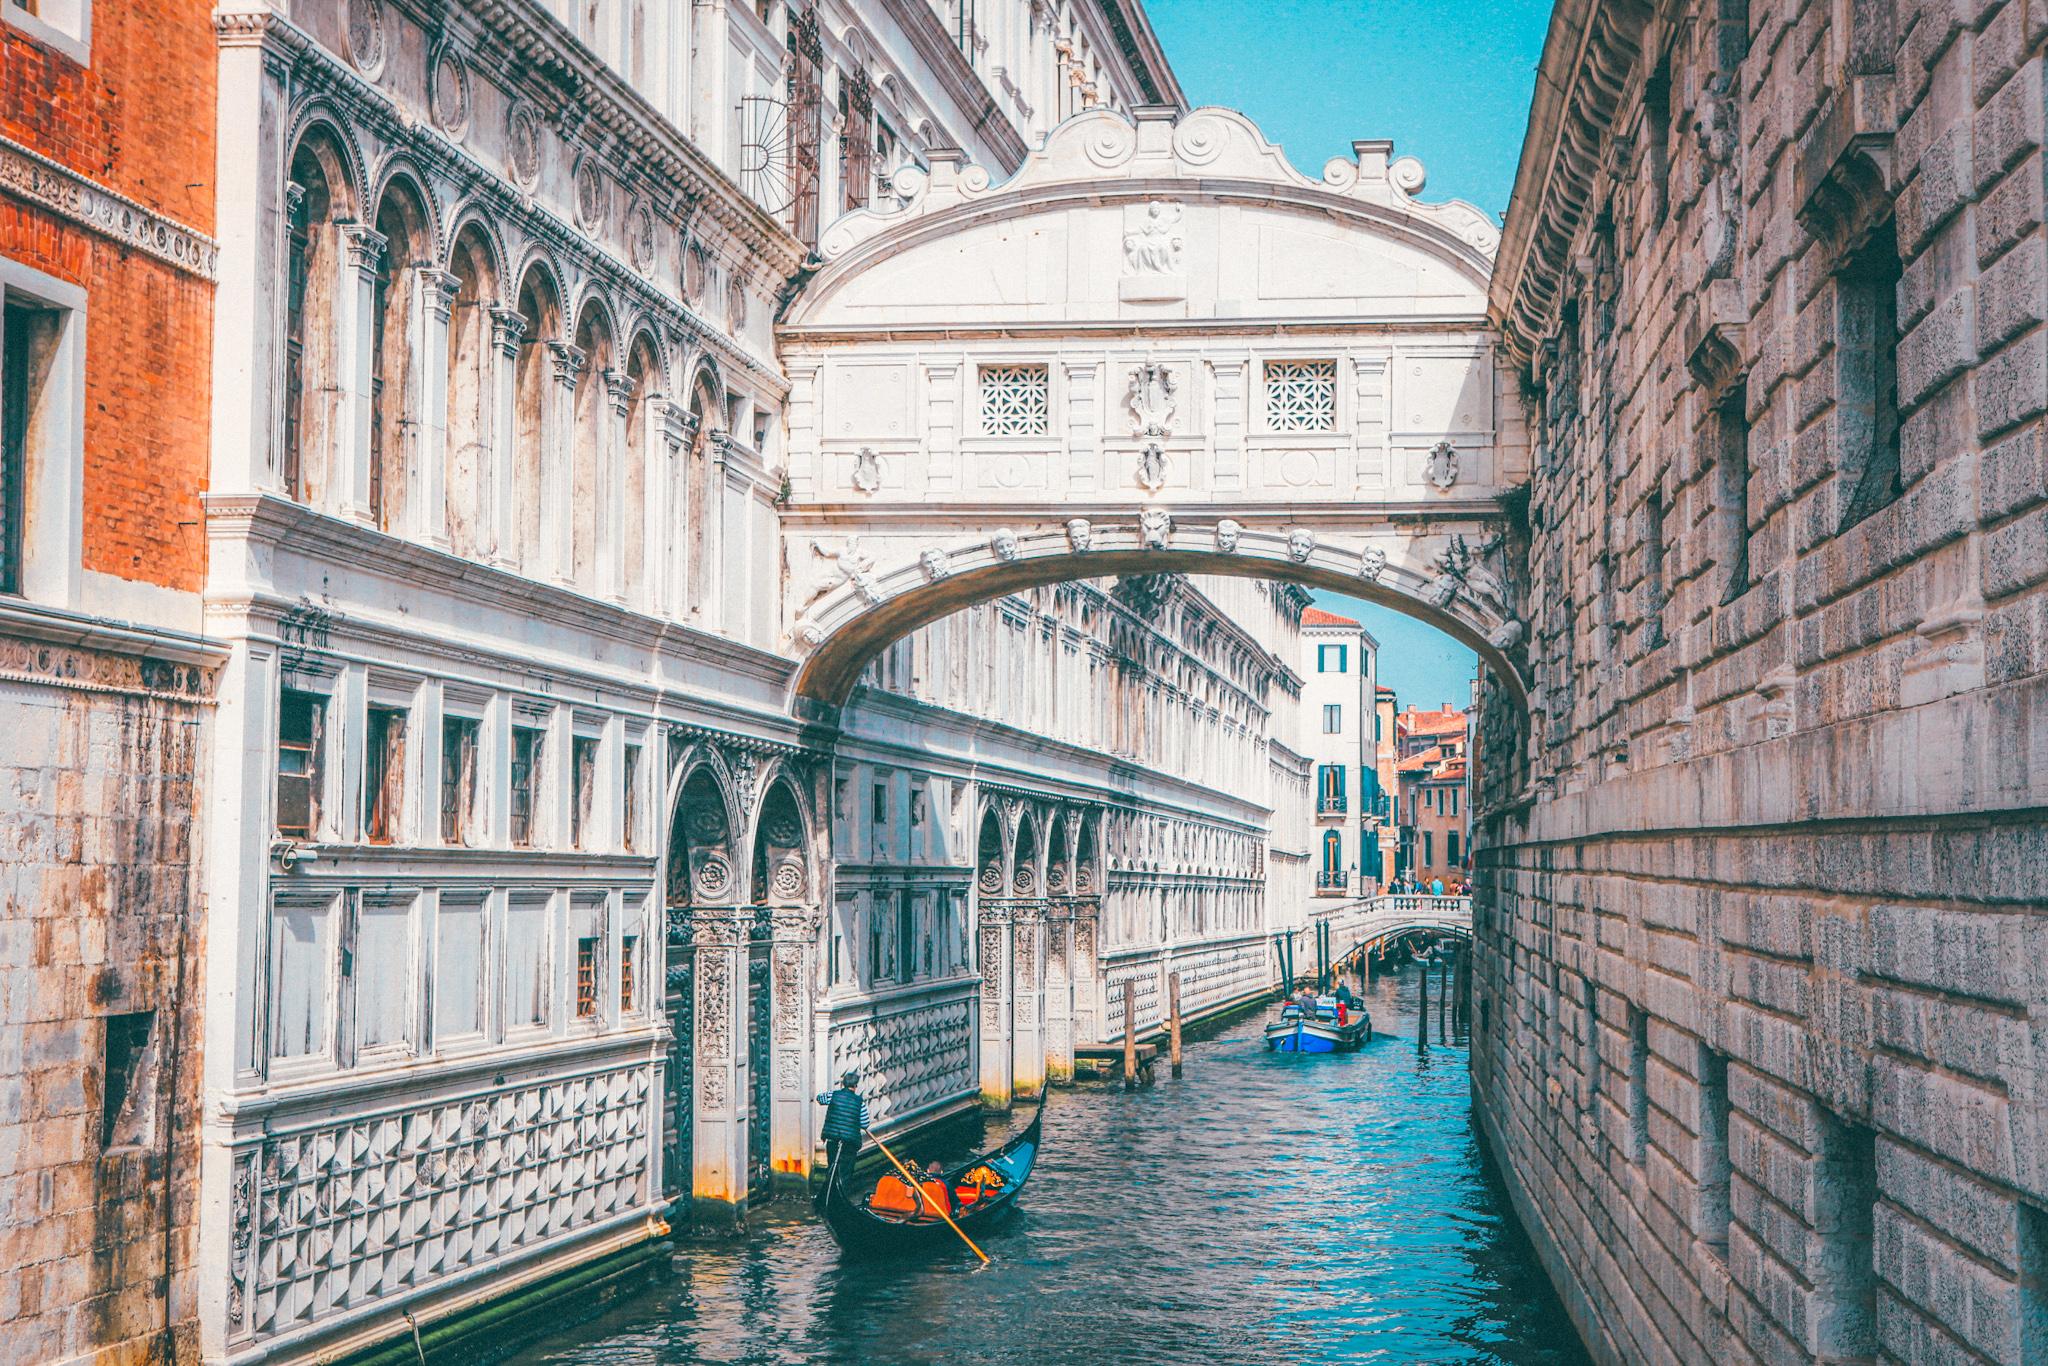 Cosas que ver y hacer en Venecia: Puente de los suspiros